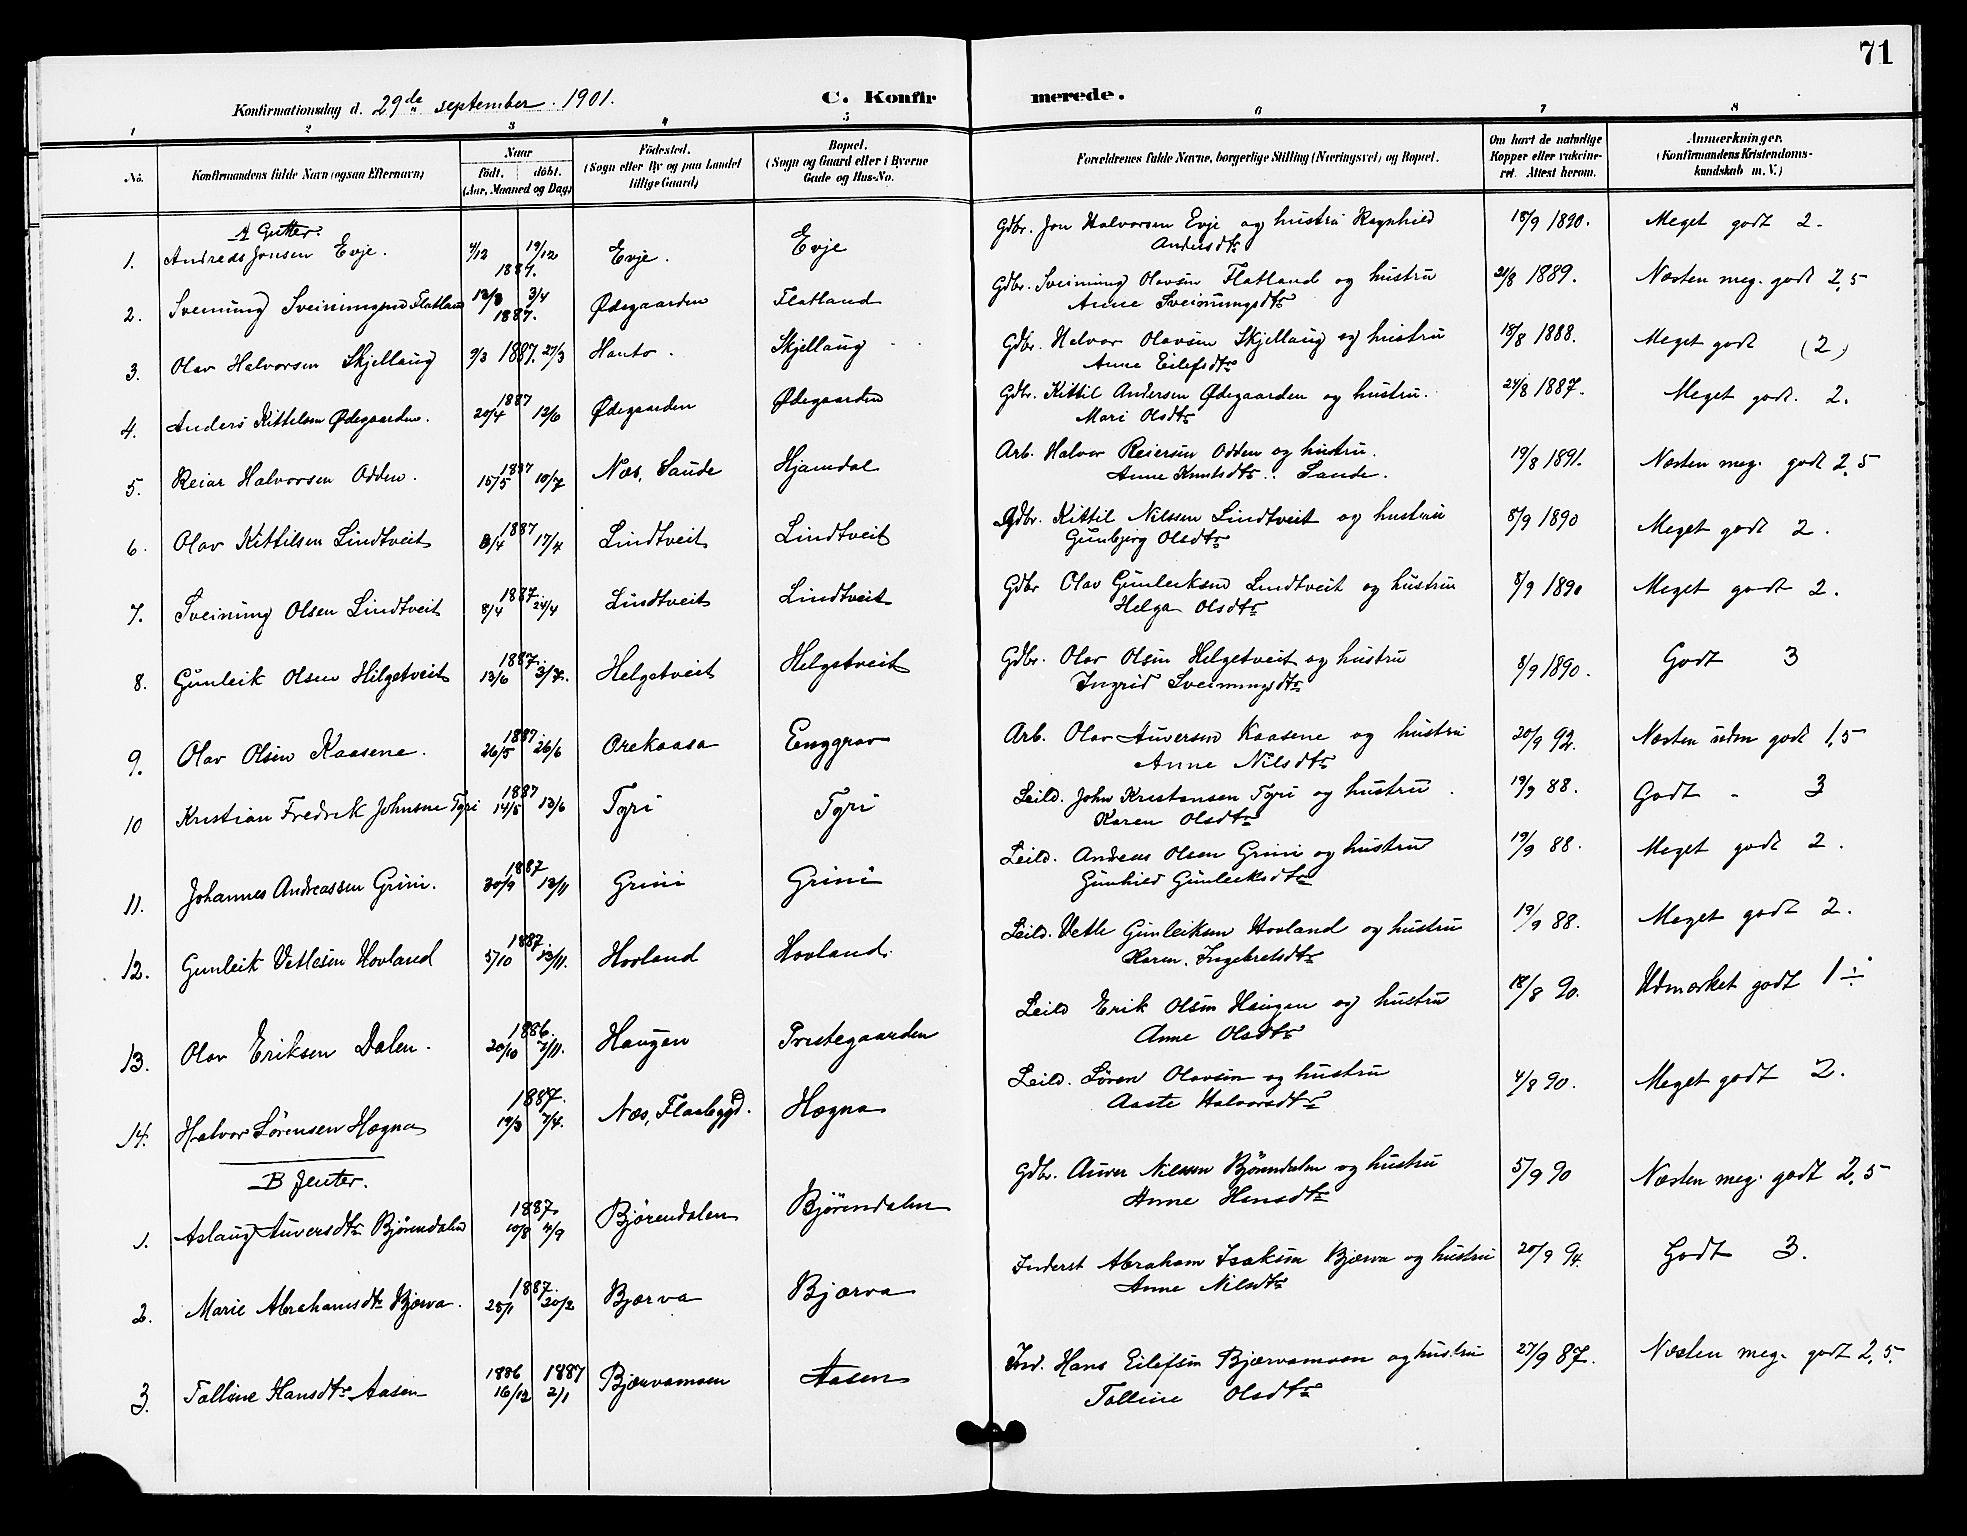 SAKO, Lunde kirkebøker, G/Ga/L0003: Klokkerbok nr. I 3, 1896-1905, s. 71